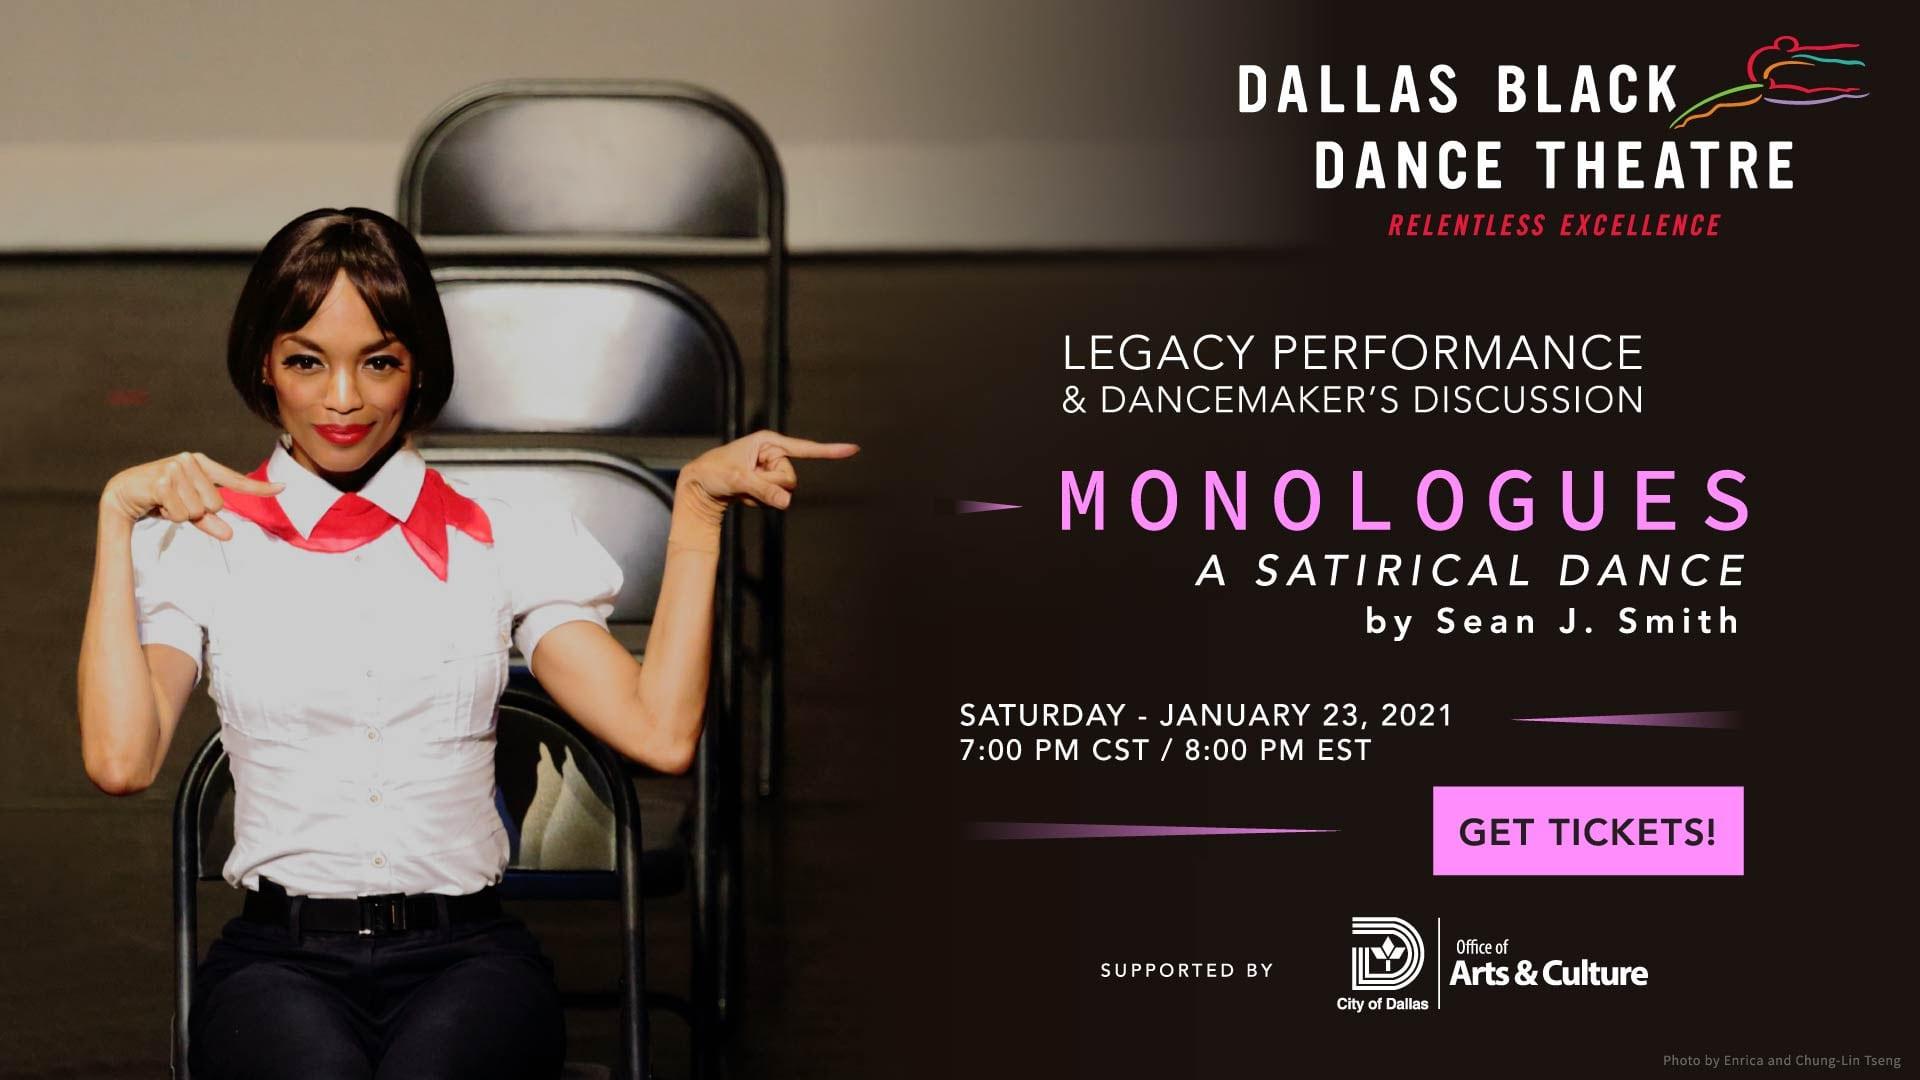 Monologues, Dallas Black Dance Theatre